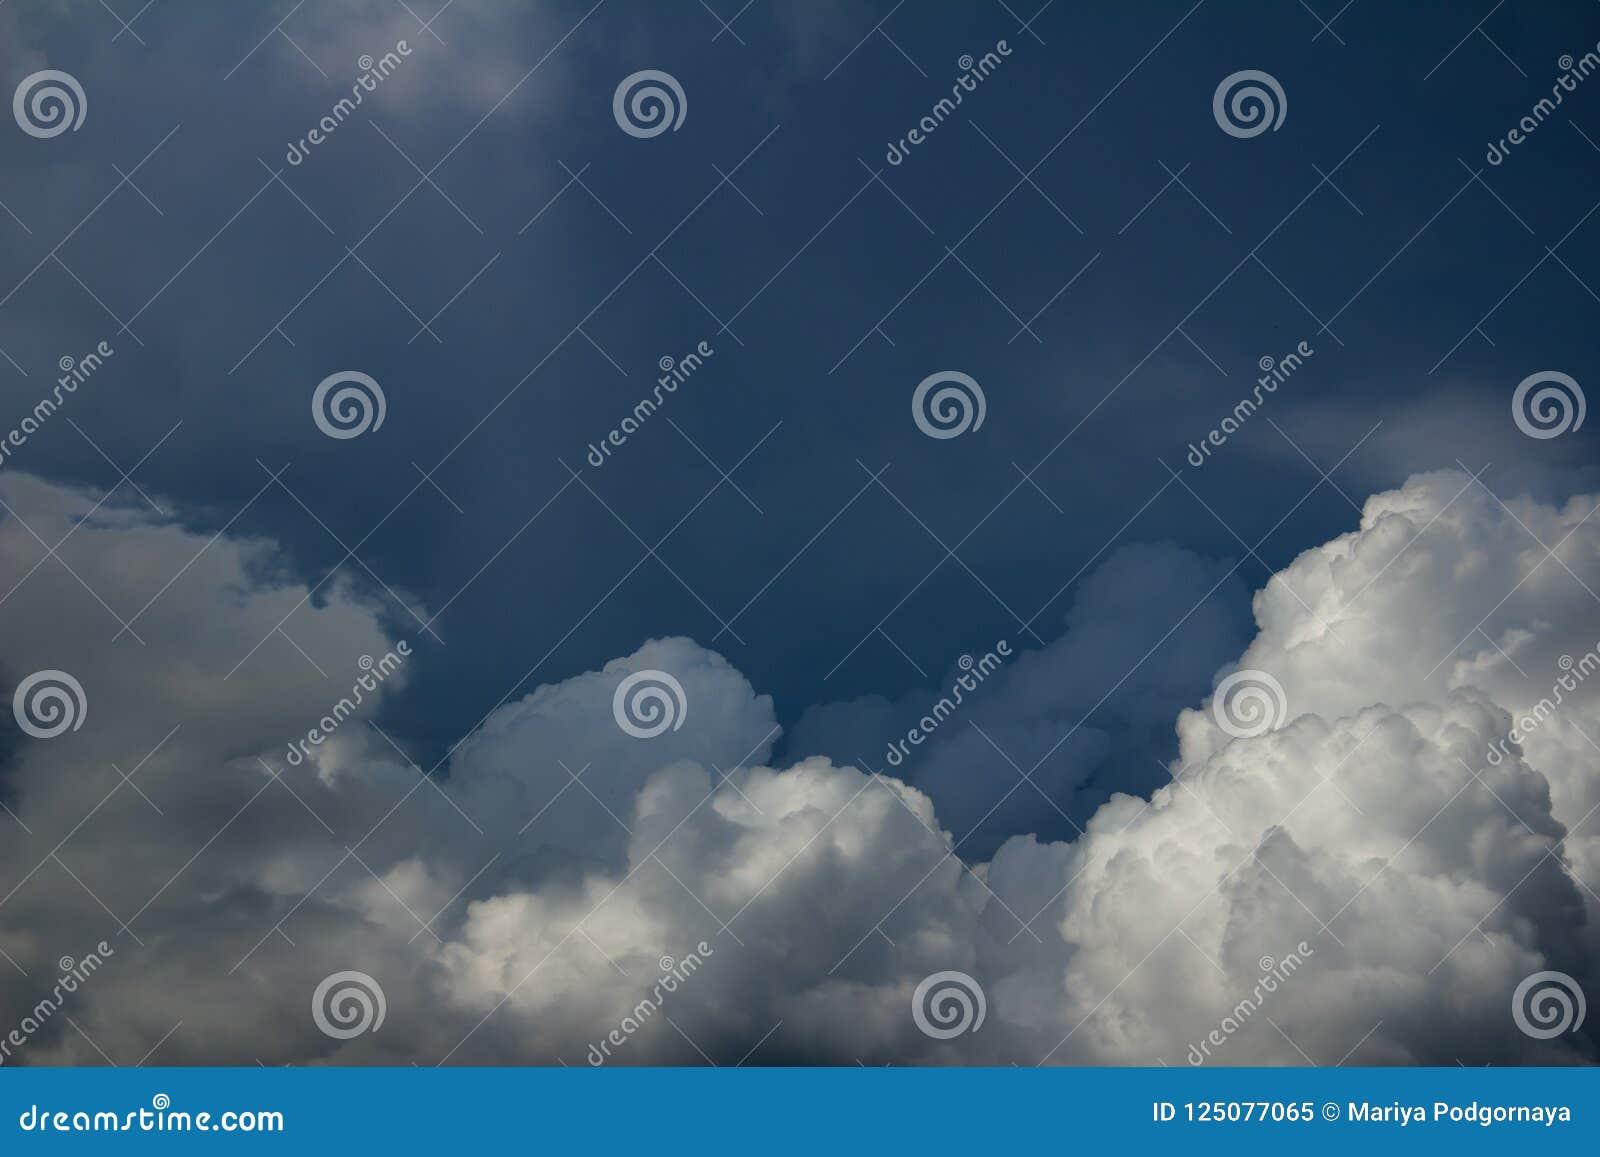 Άσπρα θολωμένα σύννεφα σωρειτών στο σκούρο μπλε ουρανό πριν από τη θύελλα